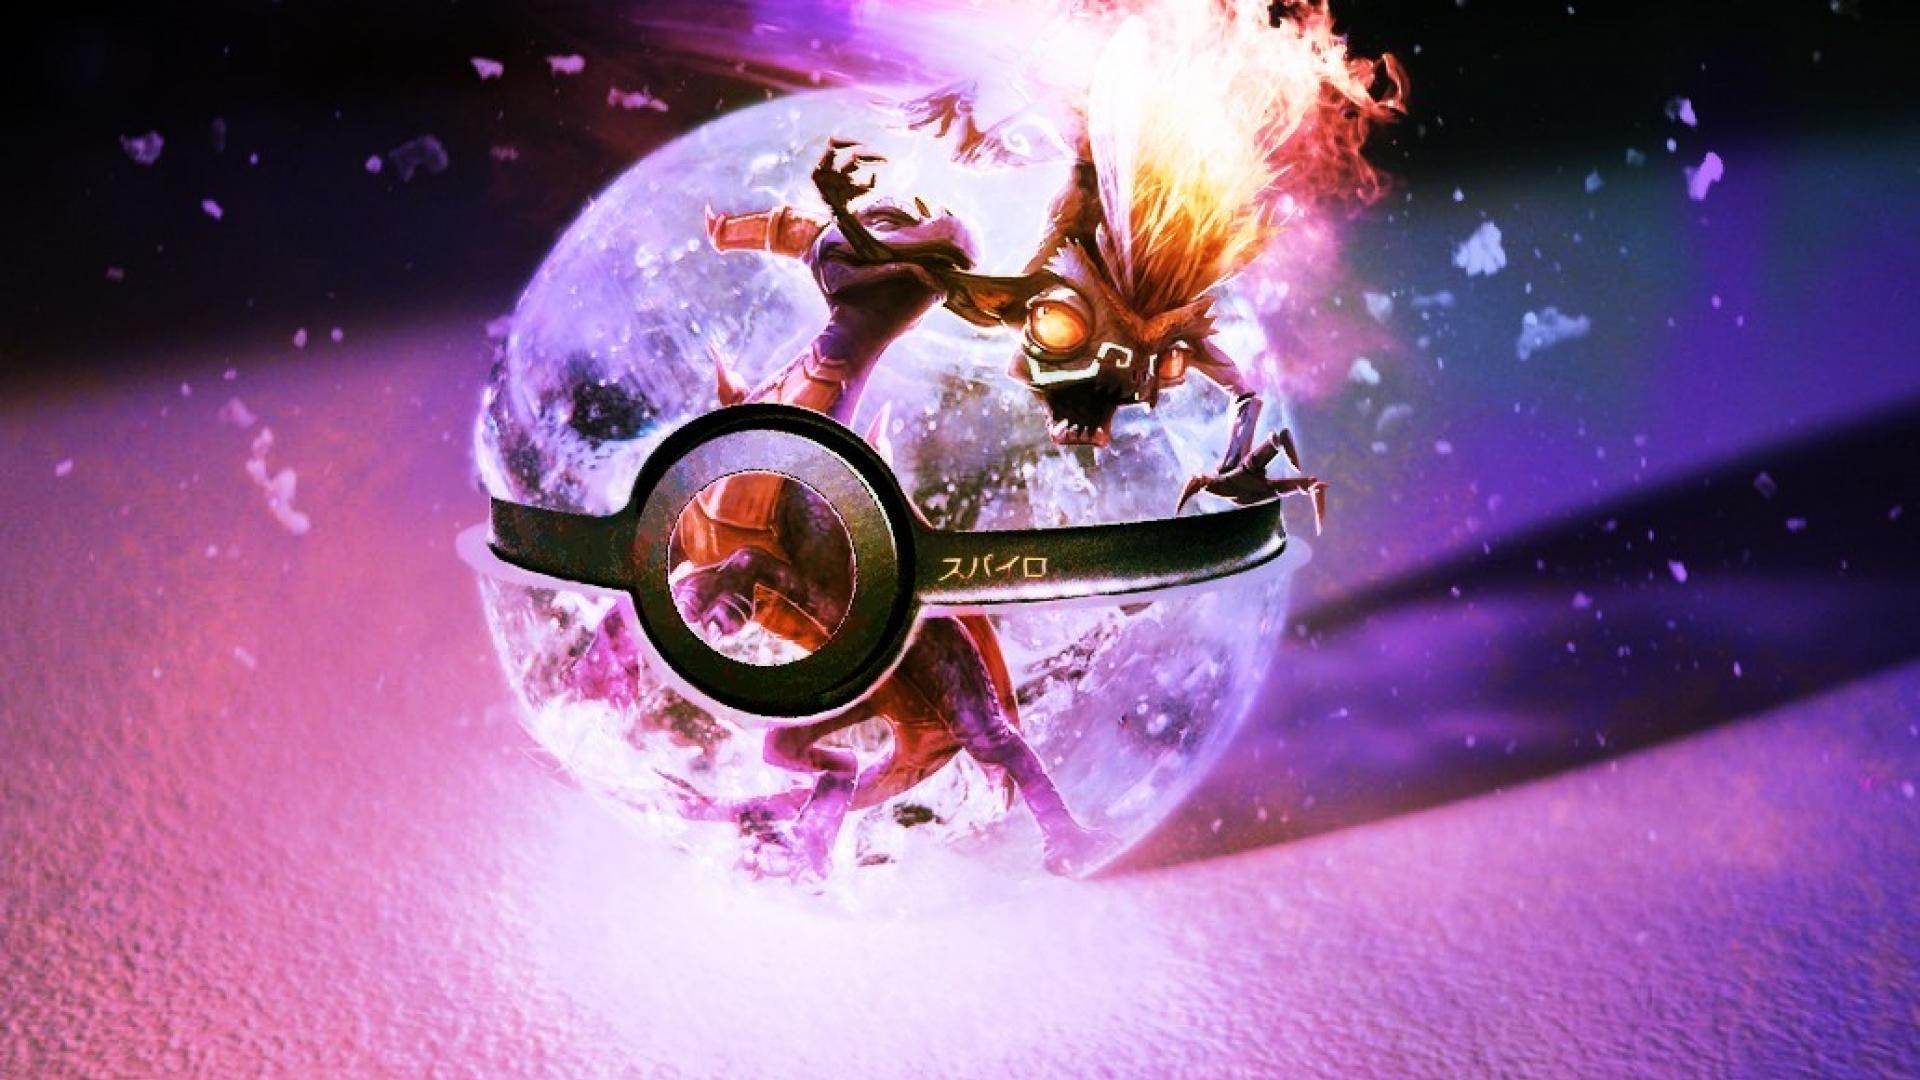 Pokemon Balls HD Wallpapers - Top Free Pokemon Balls HD ...